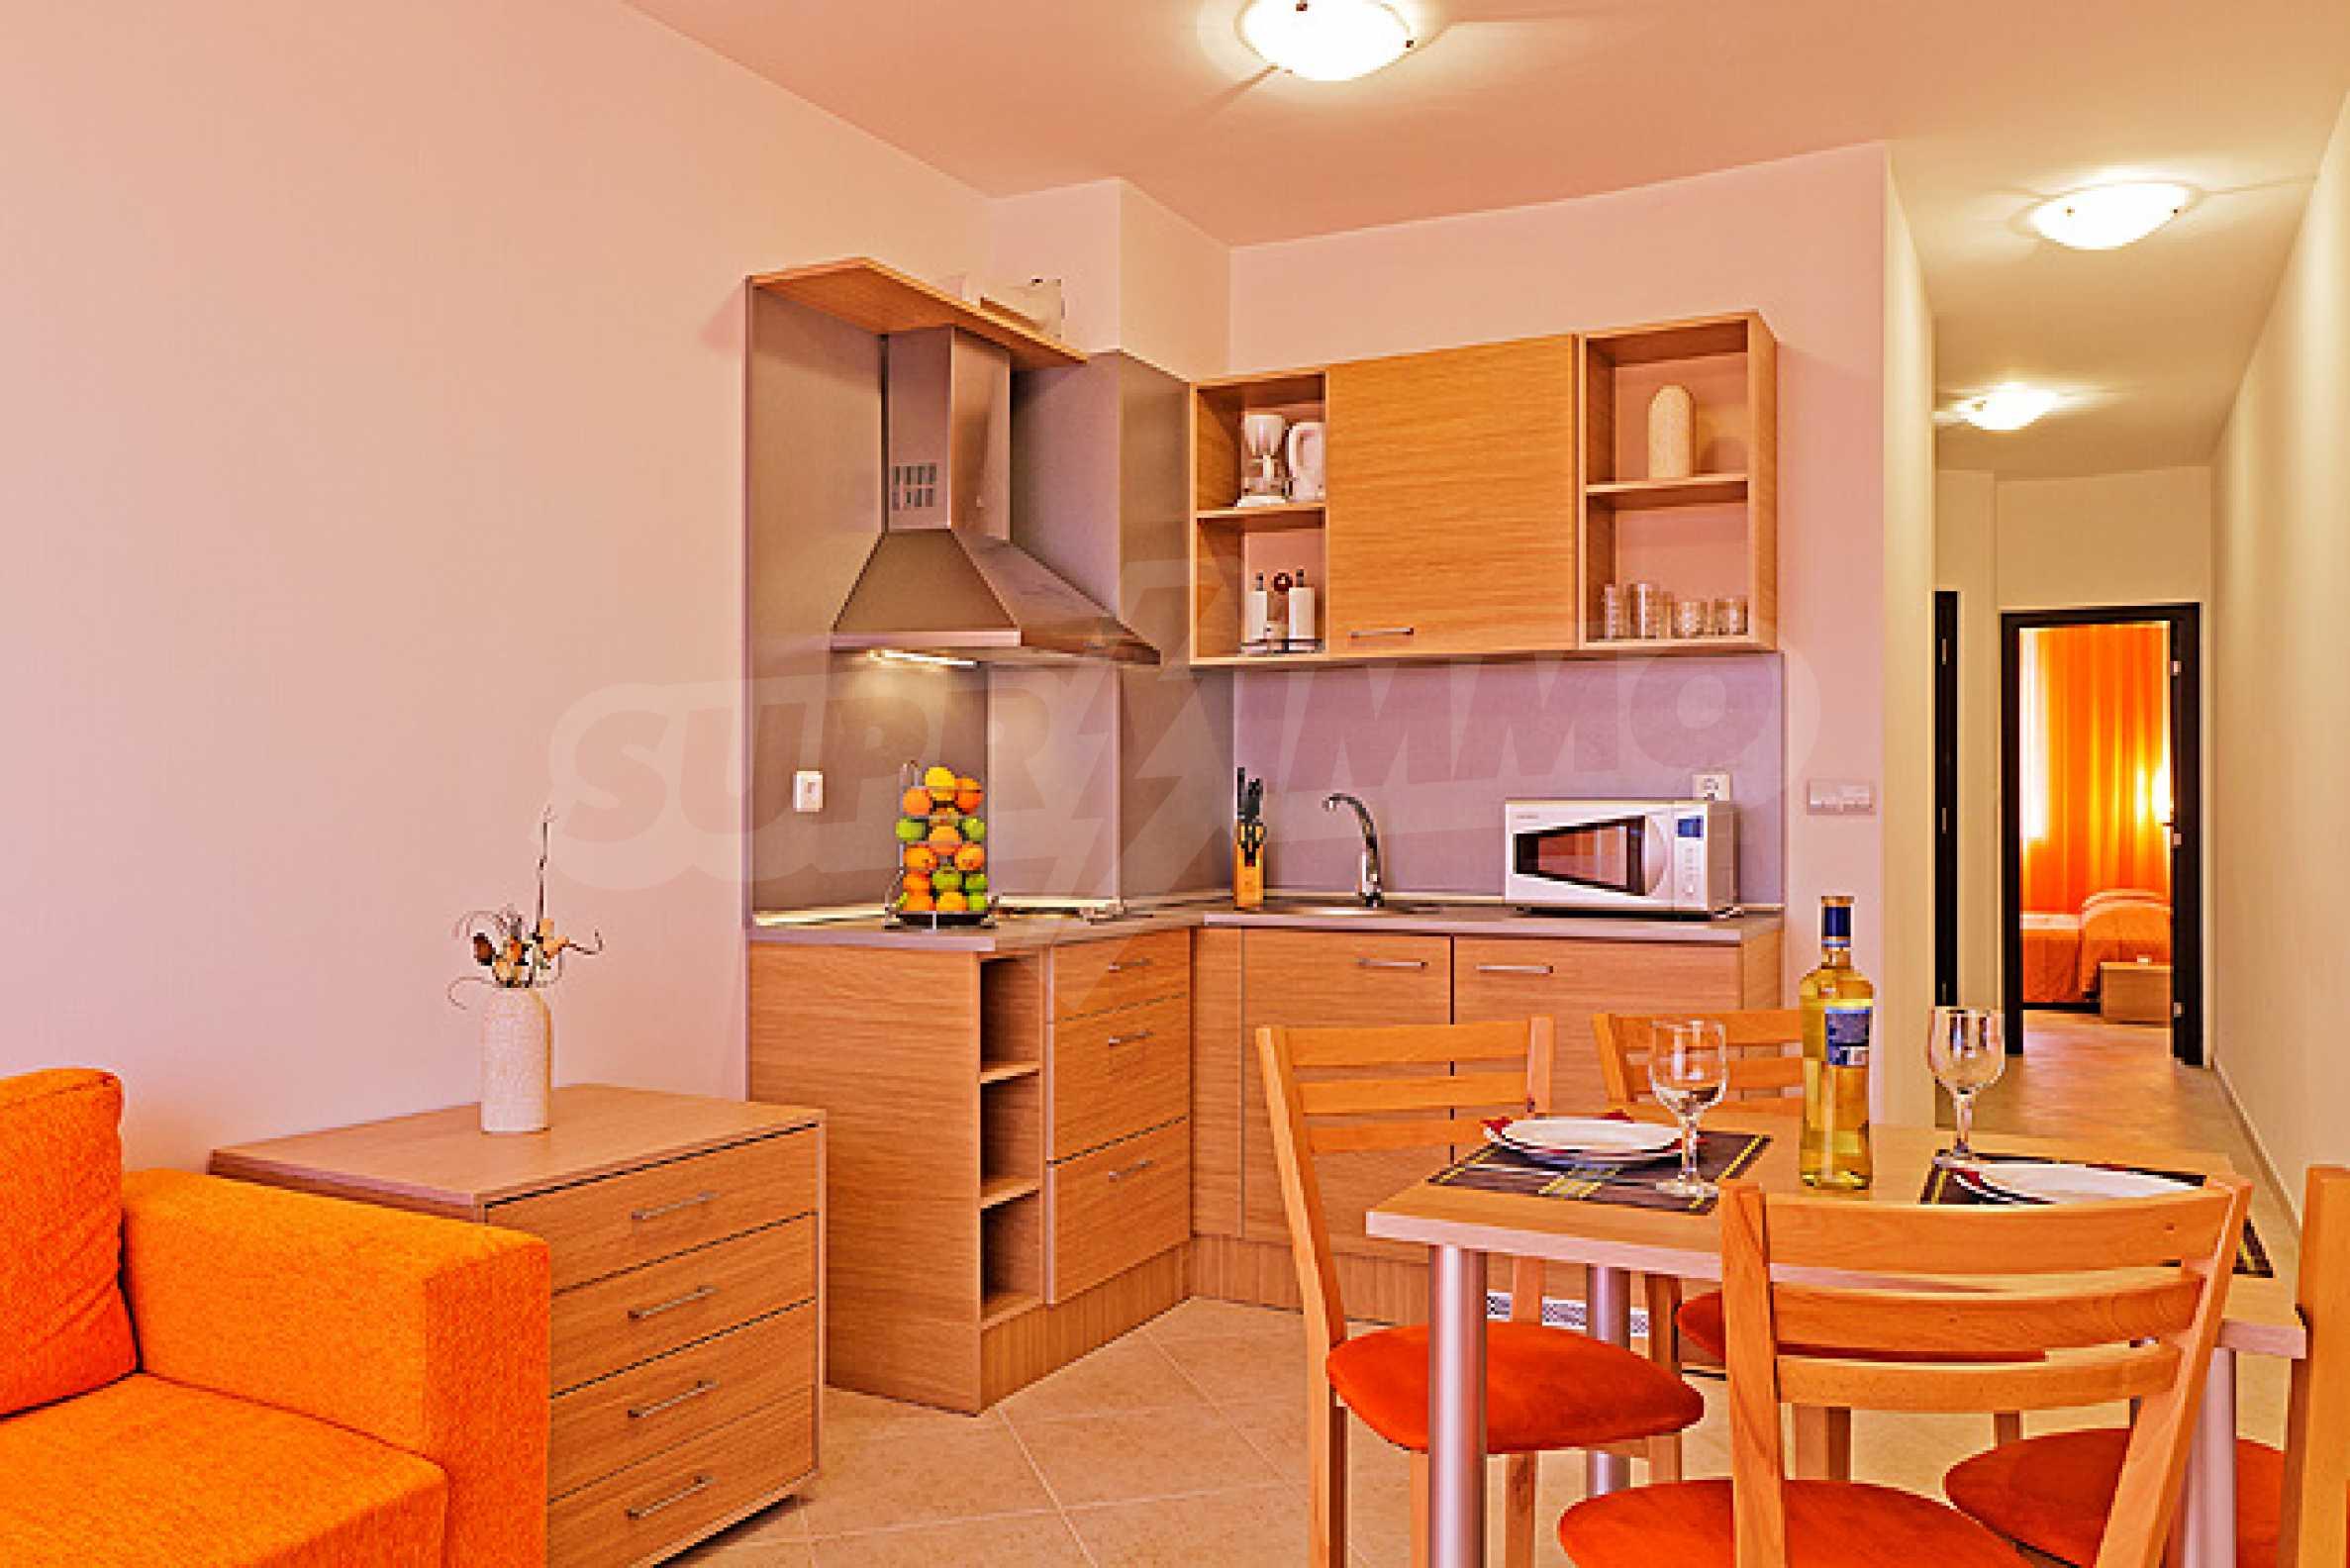 Sunset Kosharitsa - Apartments in einem attraktiven Berg- und Seekomplex, 5 Autominuten vom Sonnenstrand entfernt 16